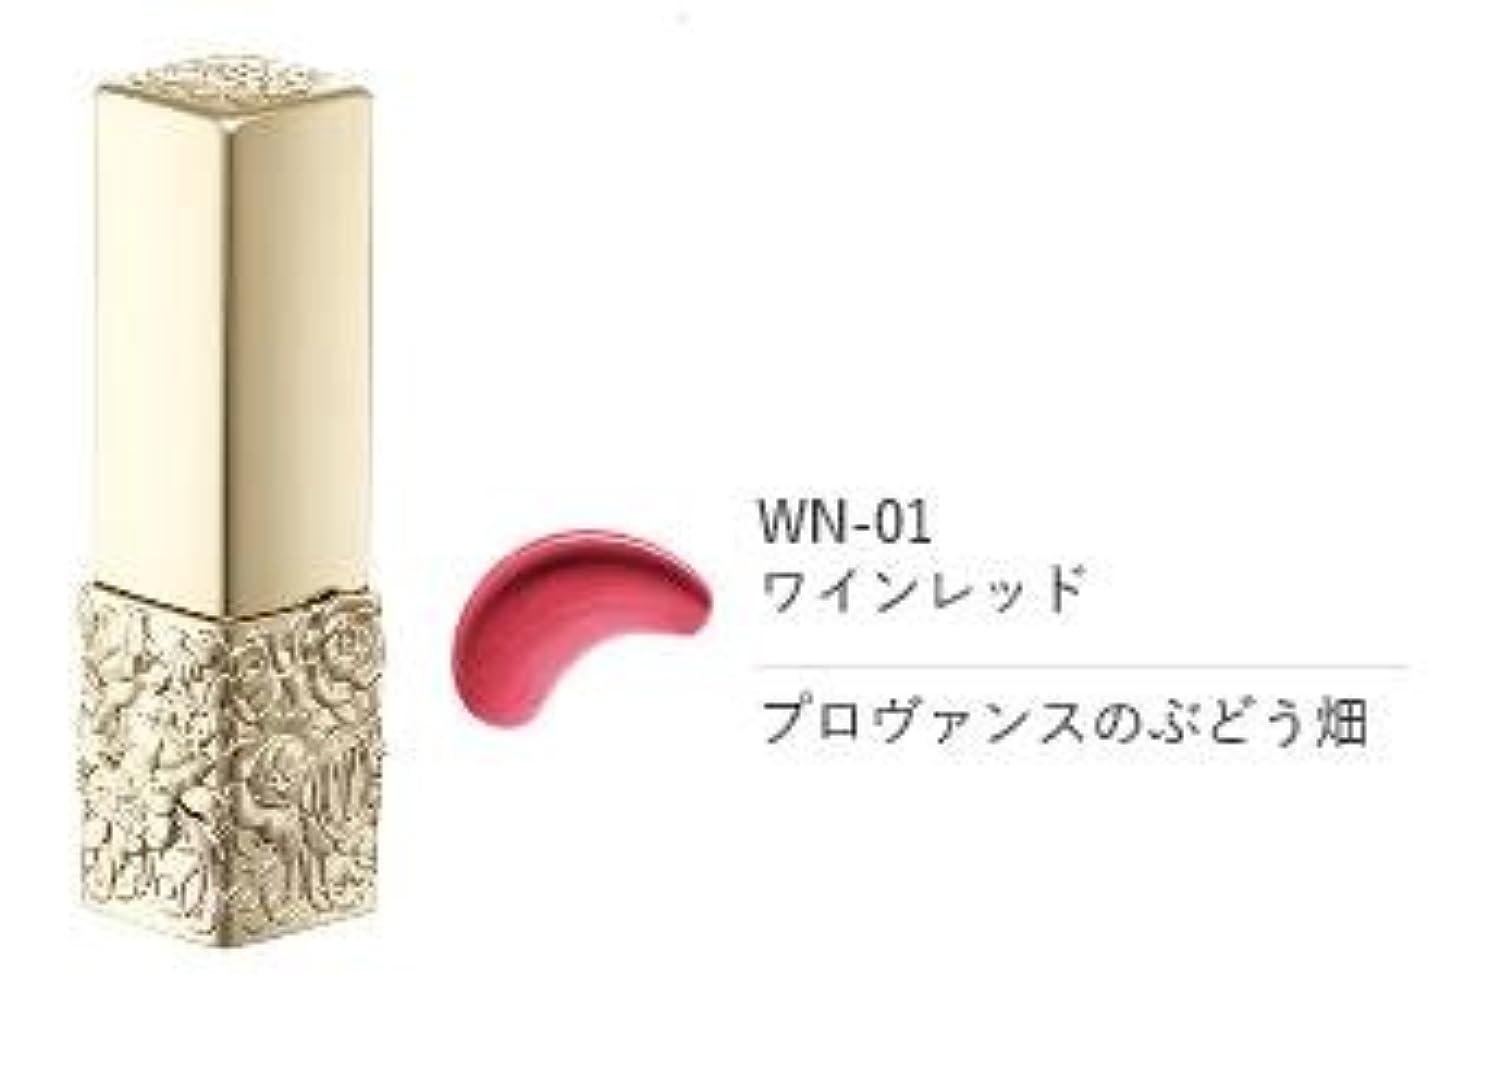 誠意神の紛争トワニー ララブーケルージュグロッシー WN-01